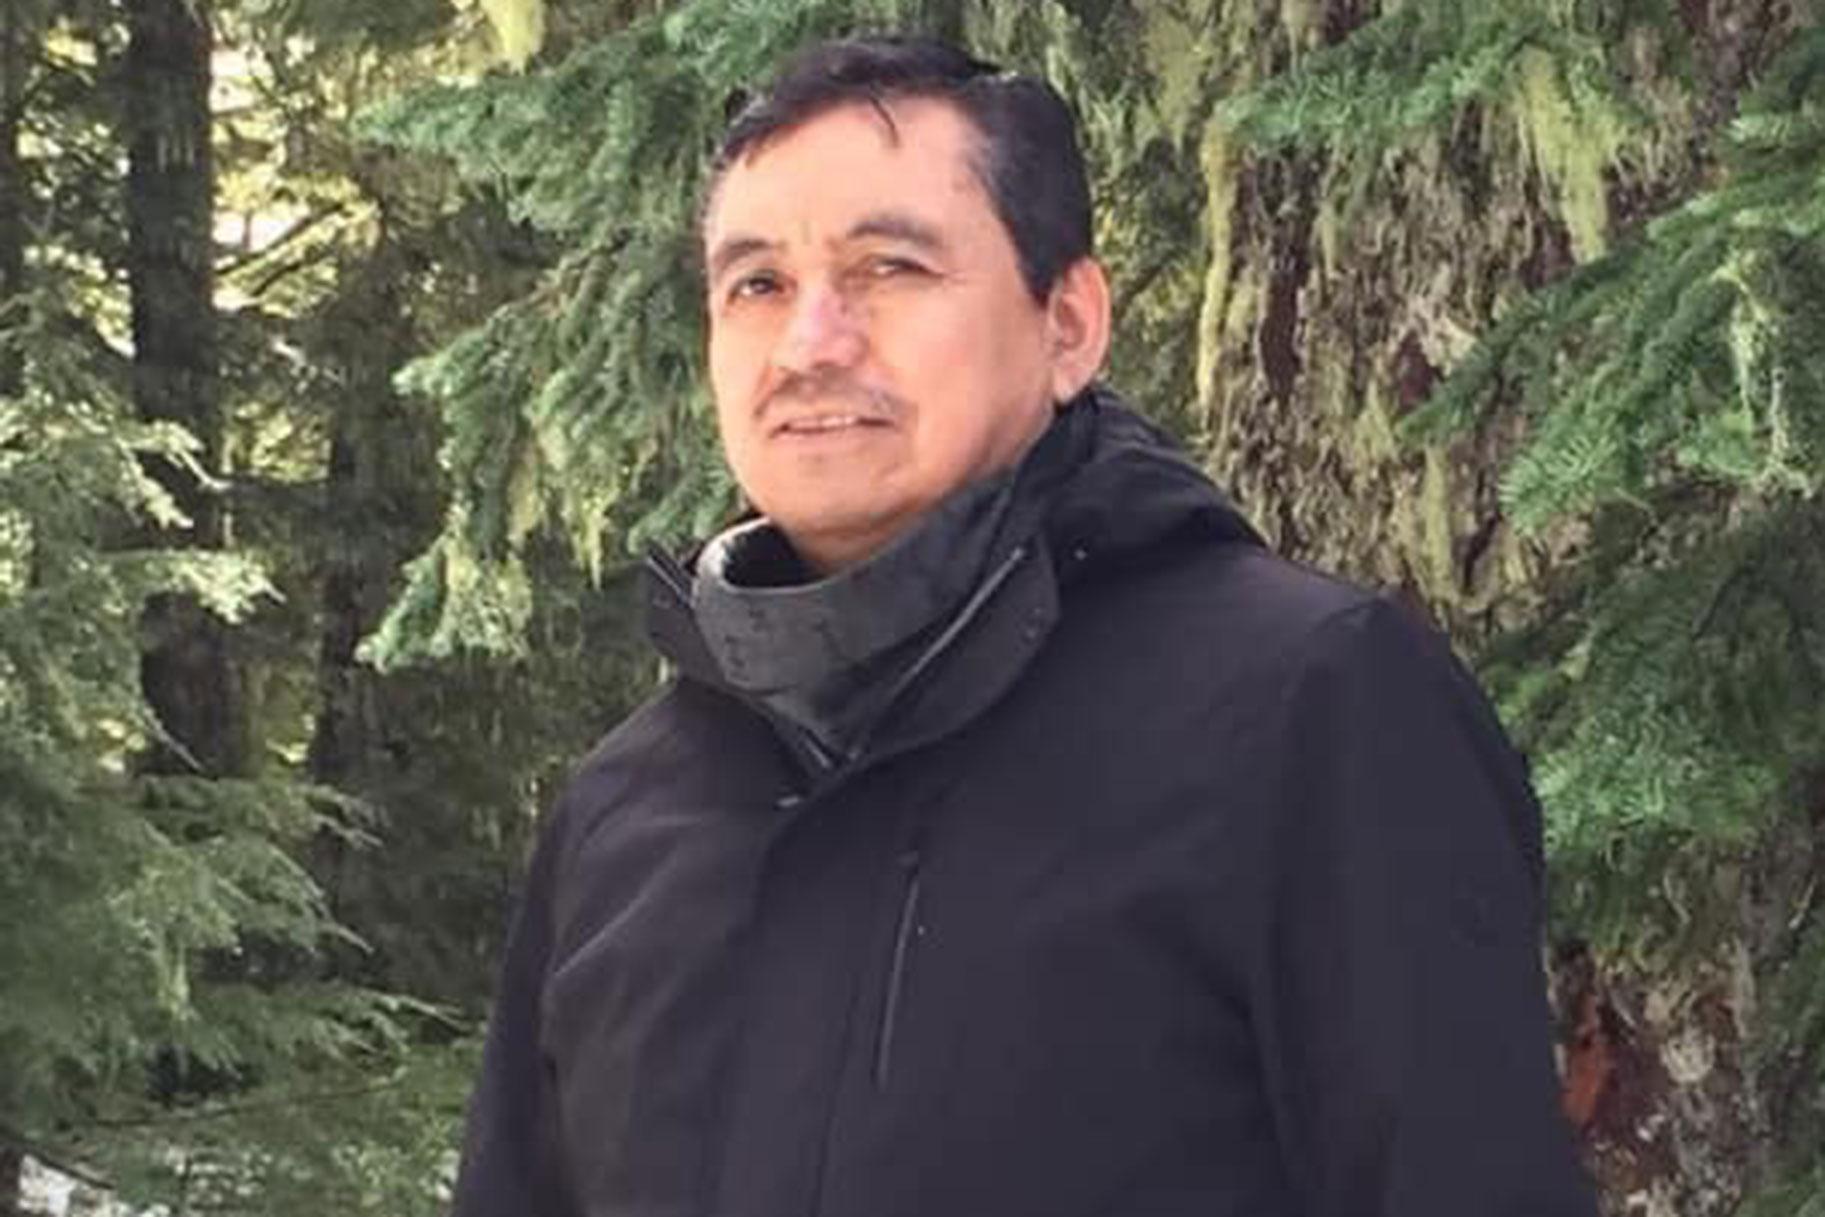 Ayah Portland yang Hilang Mungkin Terjun dari Jambatan di Bangkai Kereta Musim Sejuk yang Misterius, Kata Keluarga